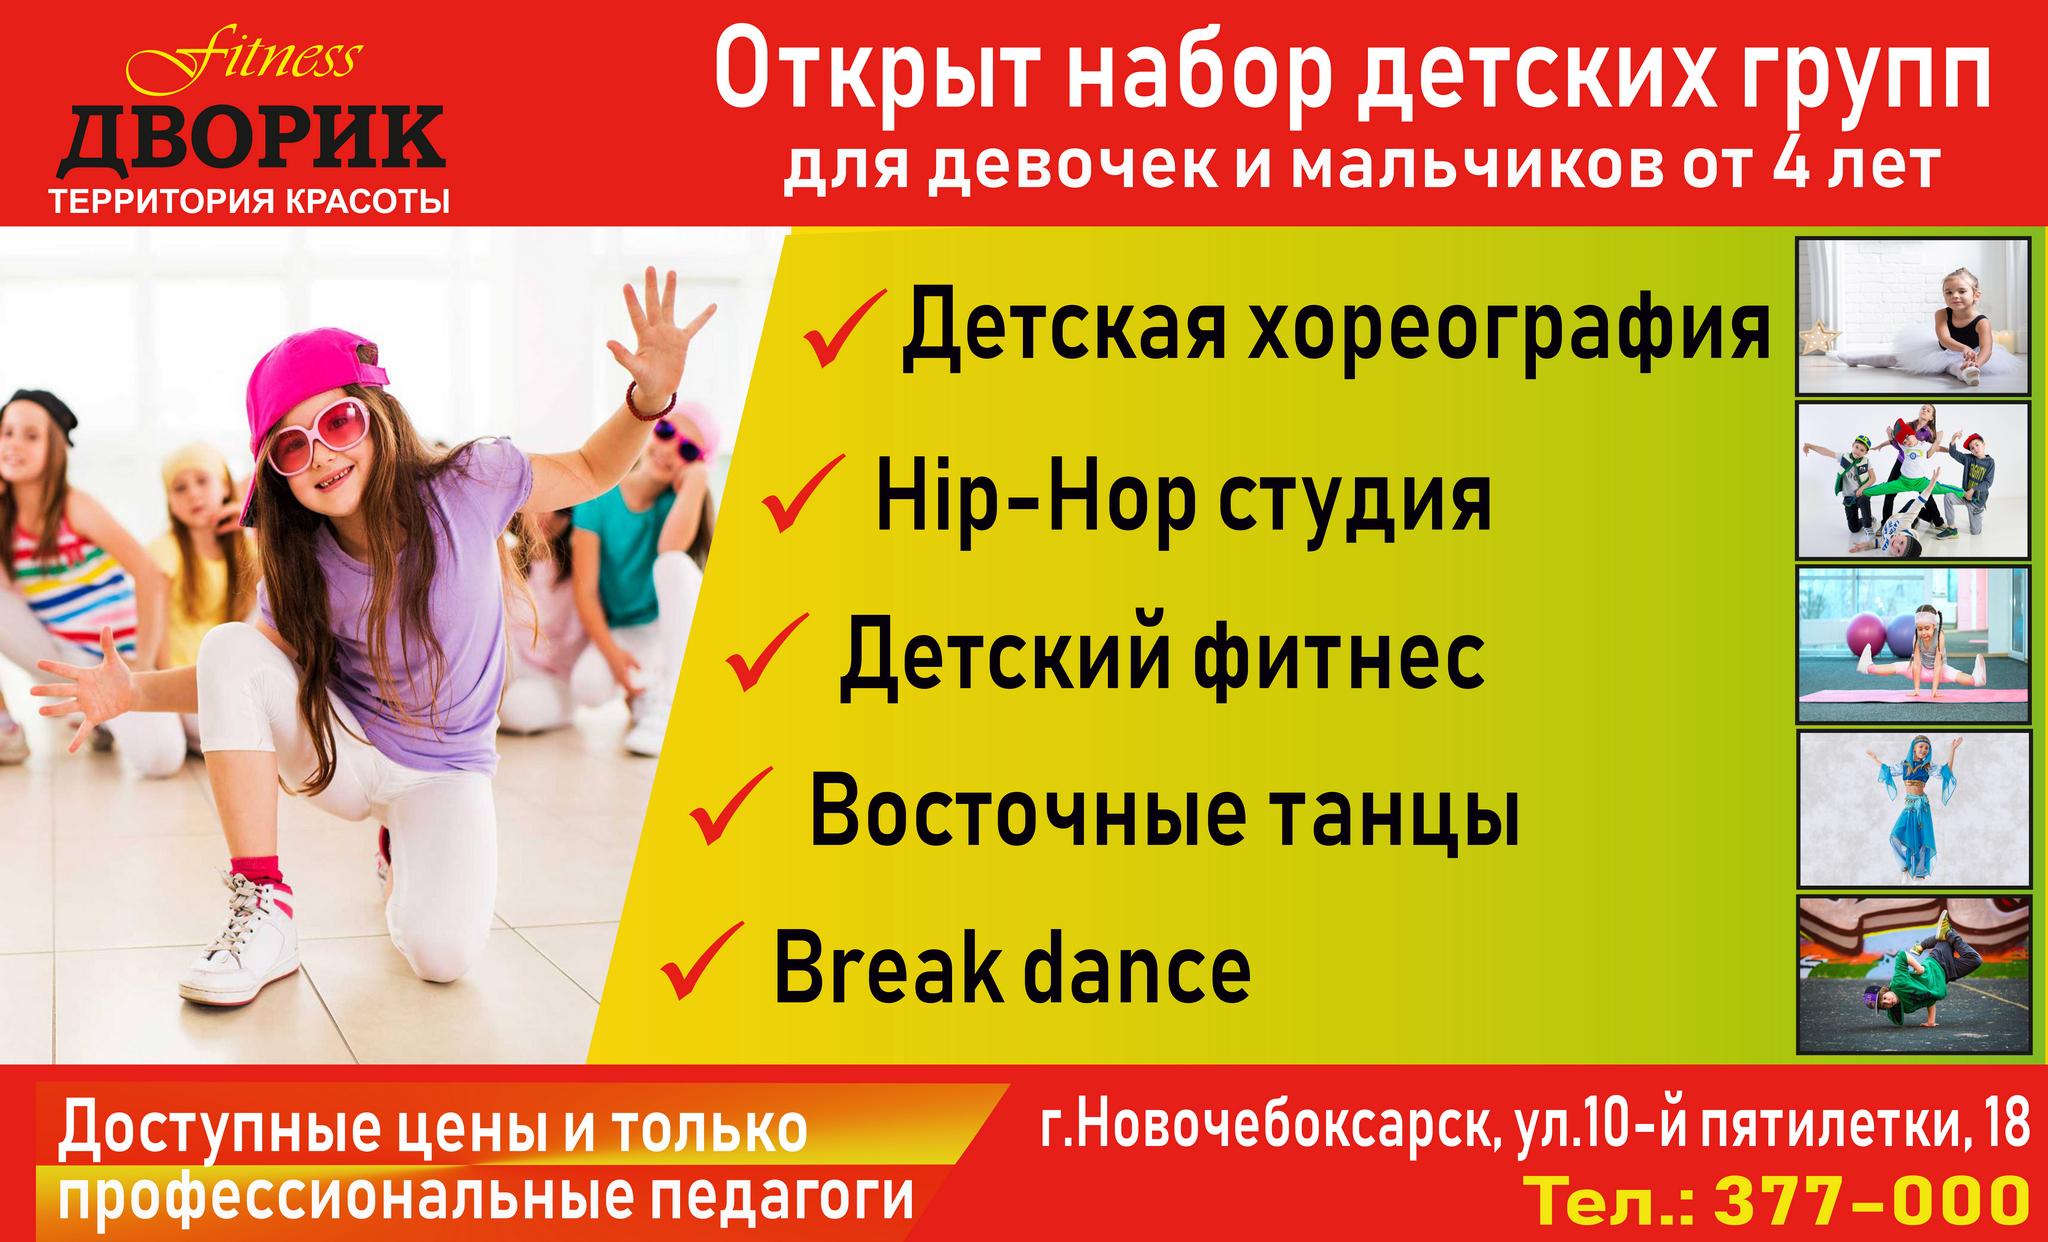 Афиша Фитнес -Дворик 1.cdr